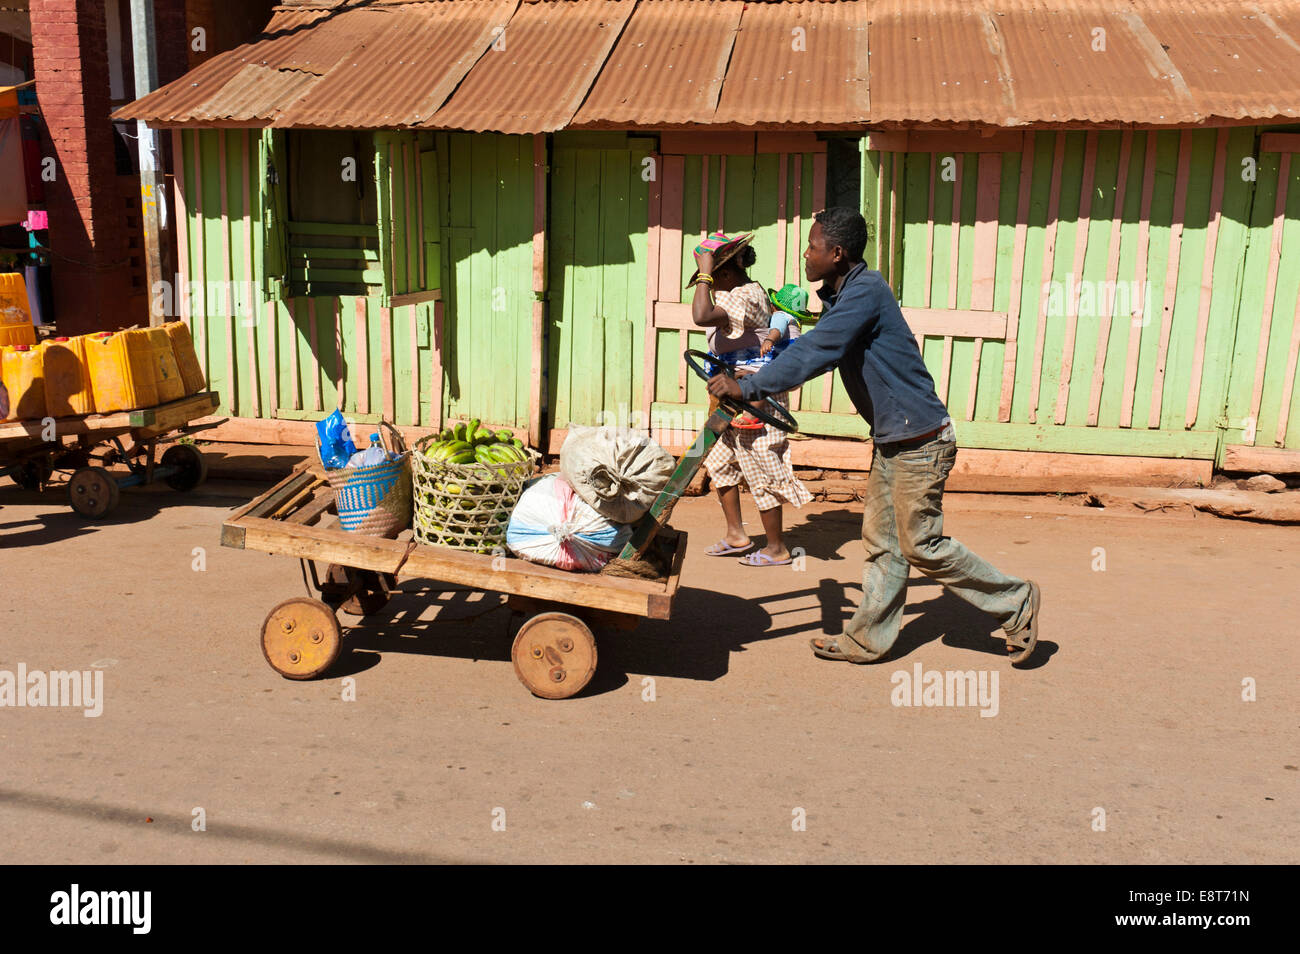 Homme pousse des marchandises sur un panier fait maison, Ambalavao, Madagascar Banque D'Images